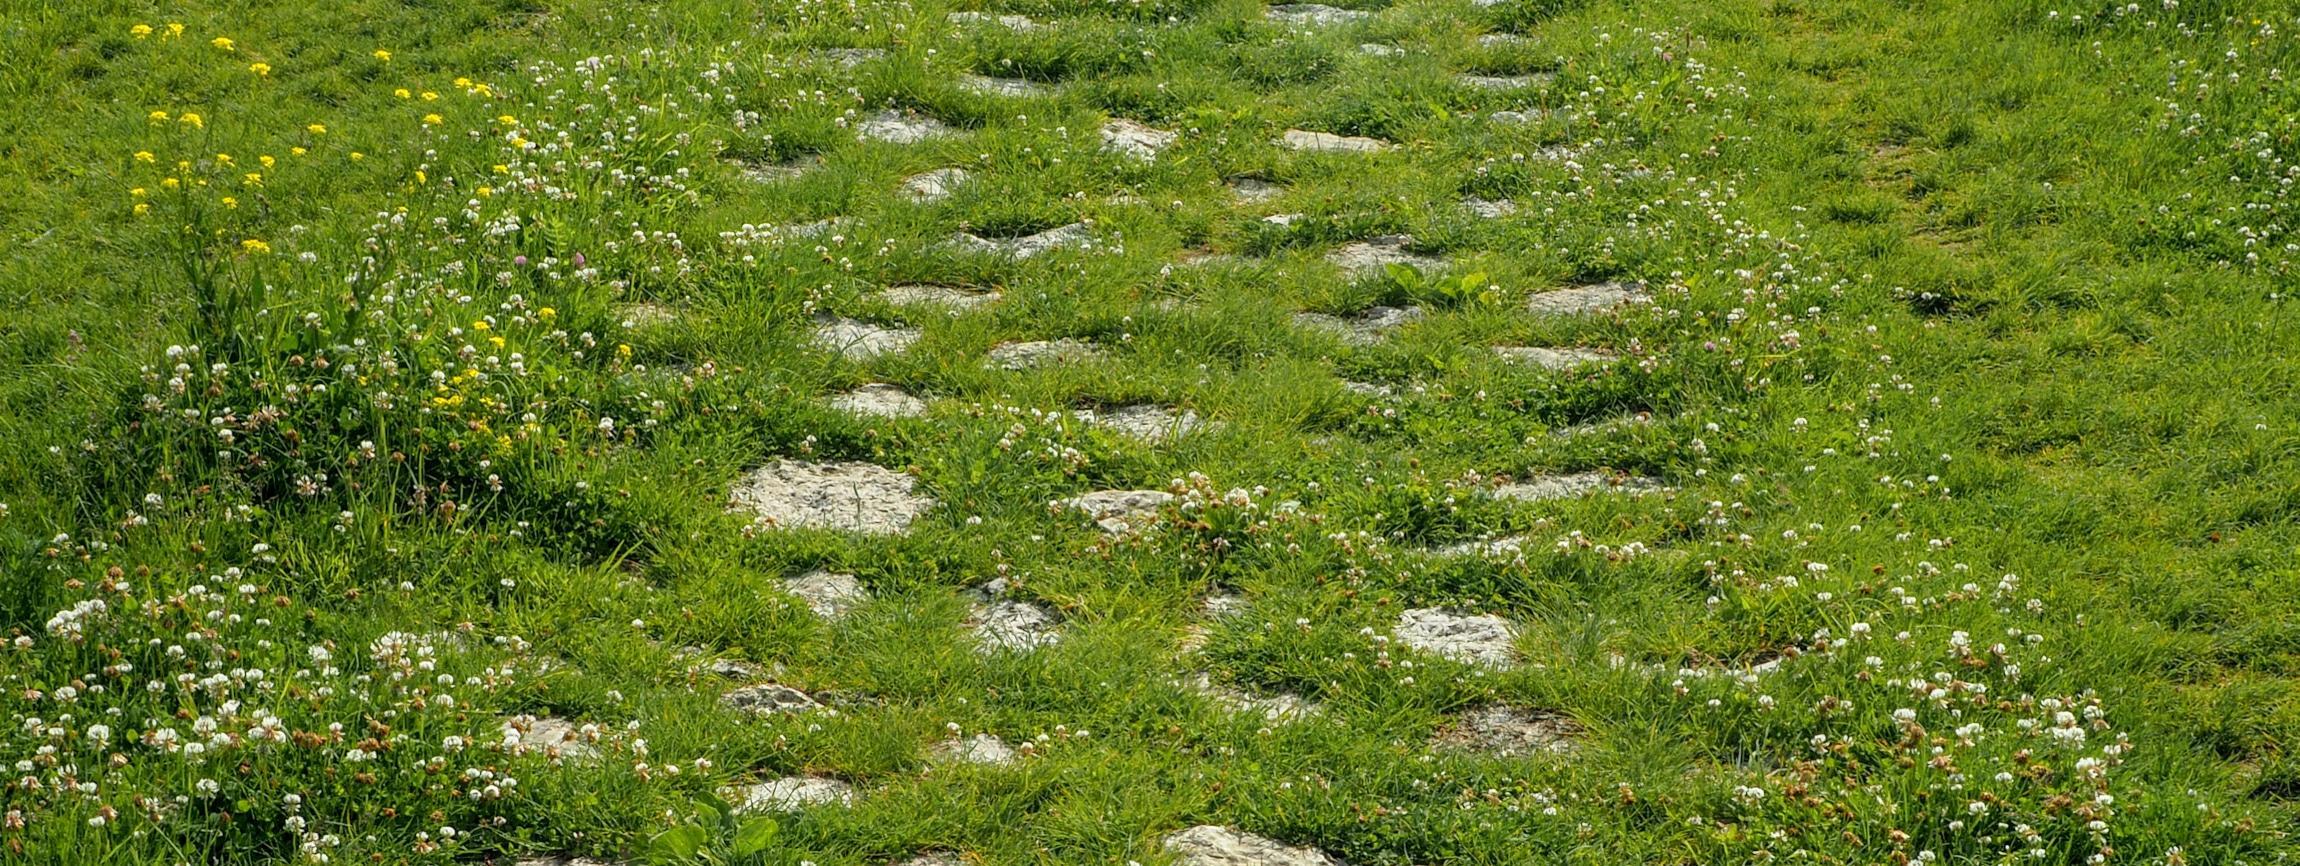 Zarośnięta kamienna ścieżka do Spiskiego Zamku